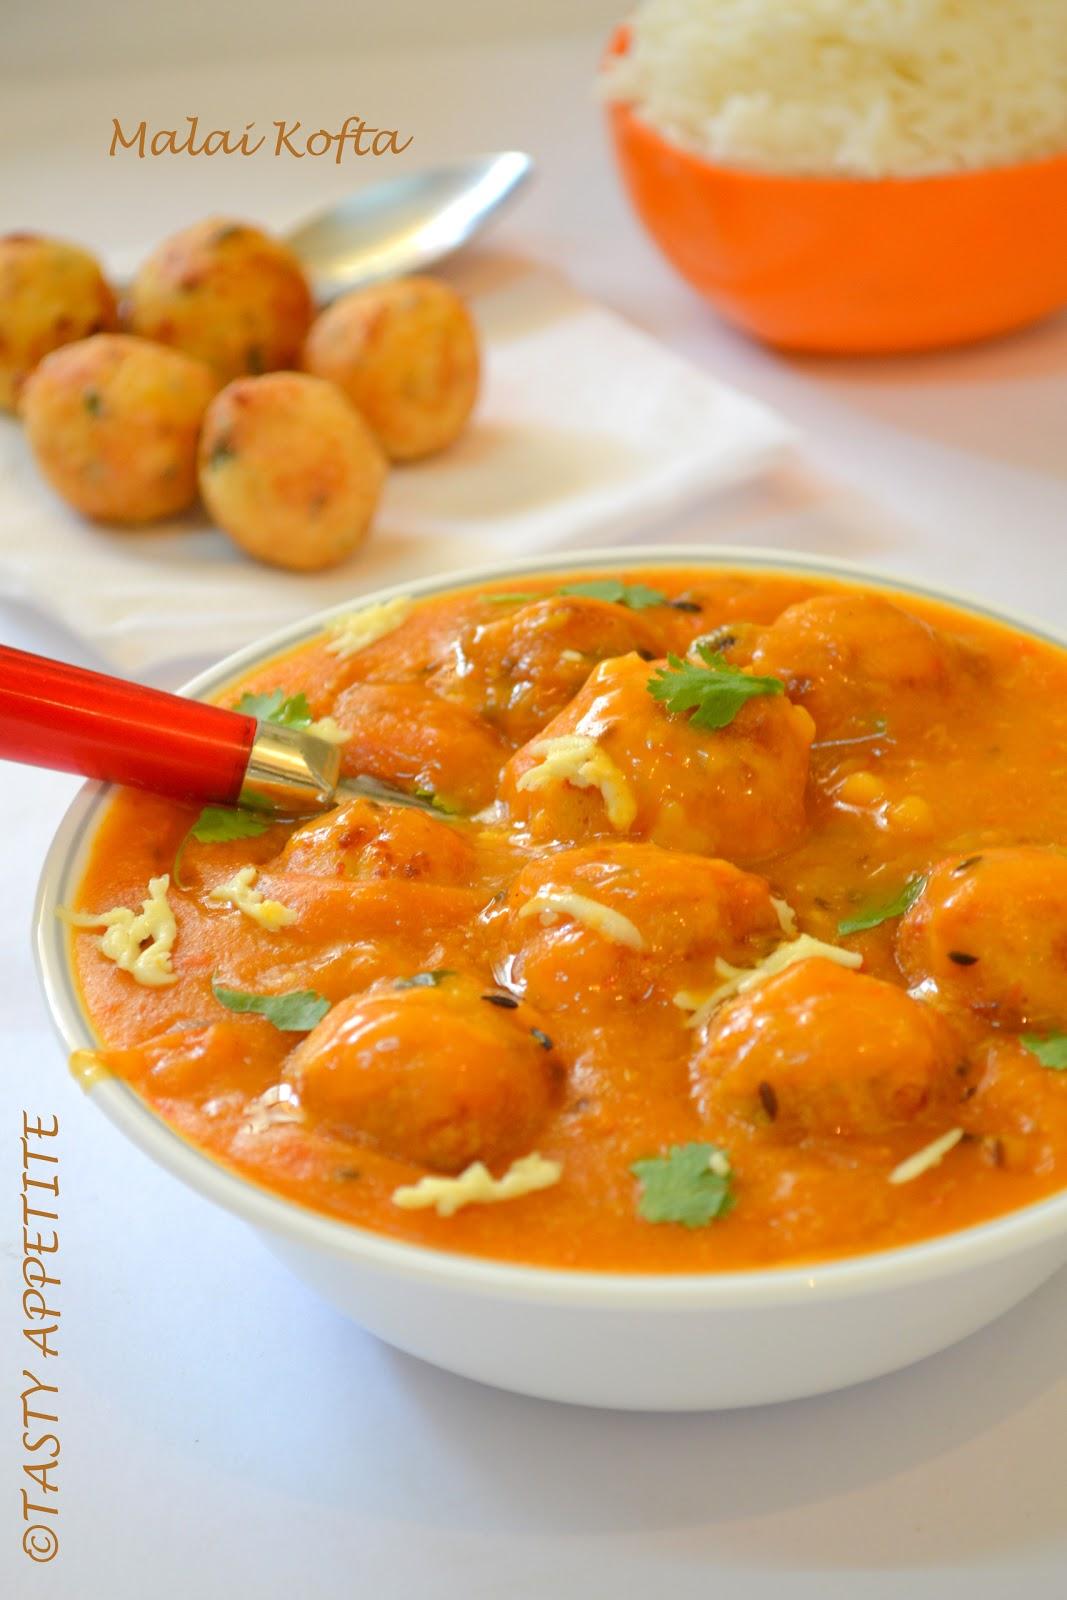 Indian Food Malai Kofta